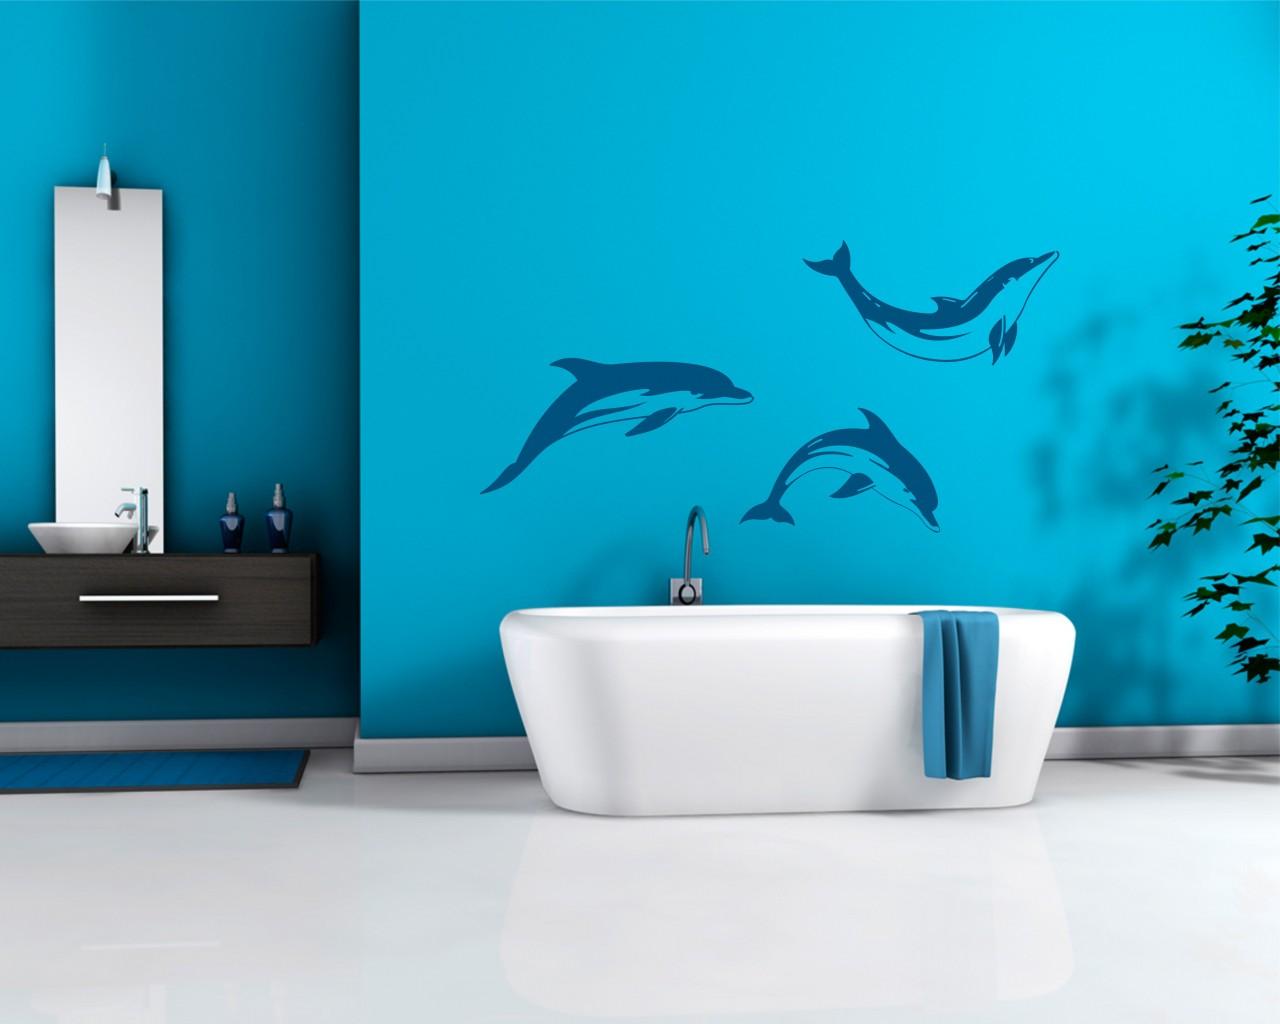 adesivo murale-salto di delfini